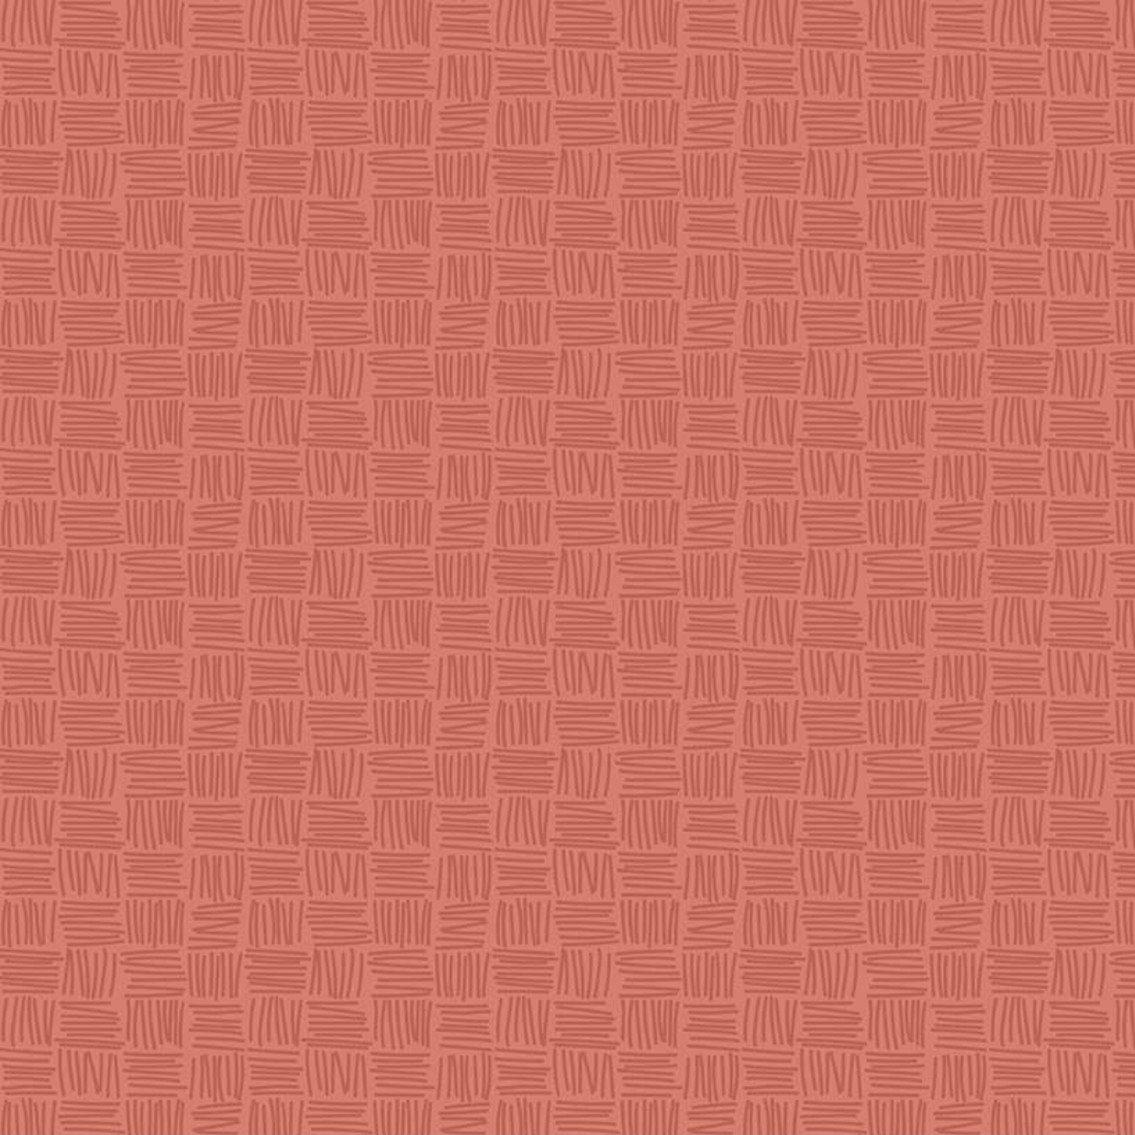 Amanda Castor Dream Weaver - Weave (Terracotta)